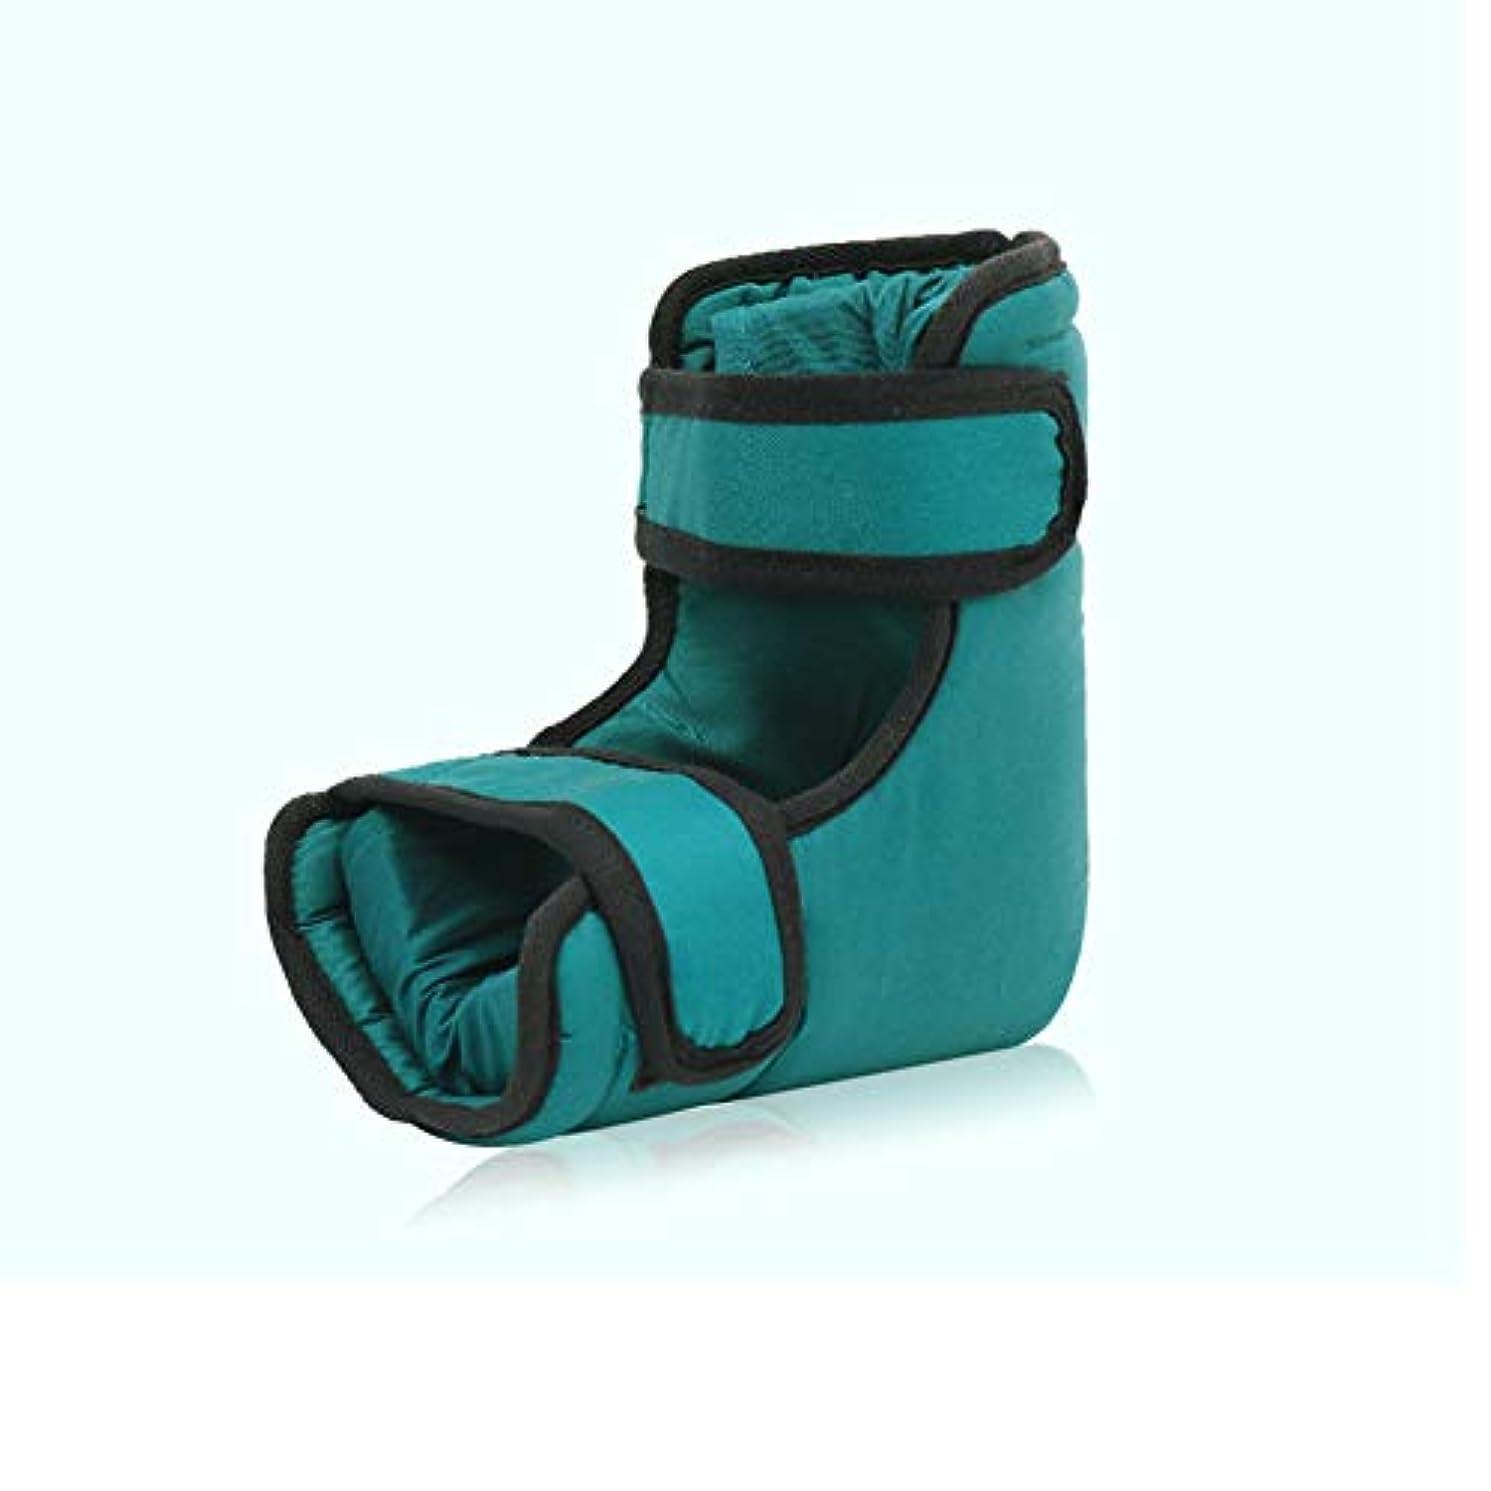 樫の木スプーンスピンヒールプロテクター、足首サポートピロー、足圧を和らげる睡眠用、潰瘍および癒しを促進する潰瘍、一対